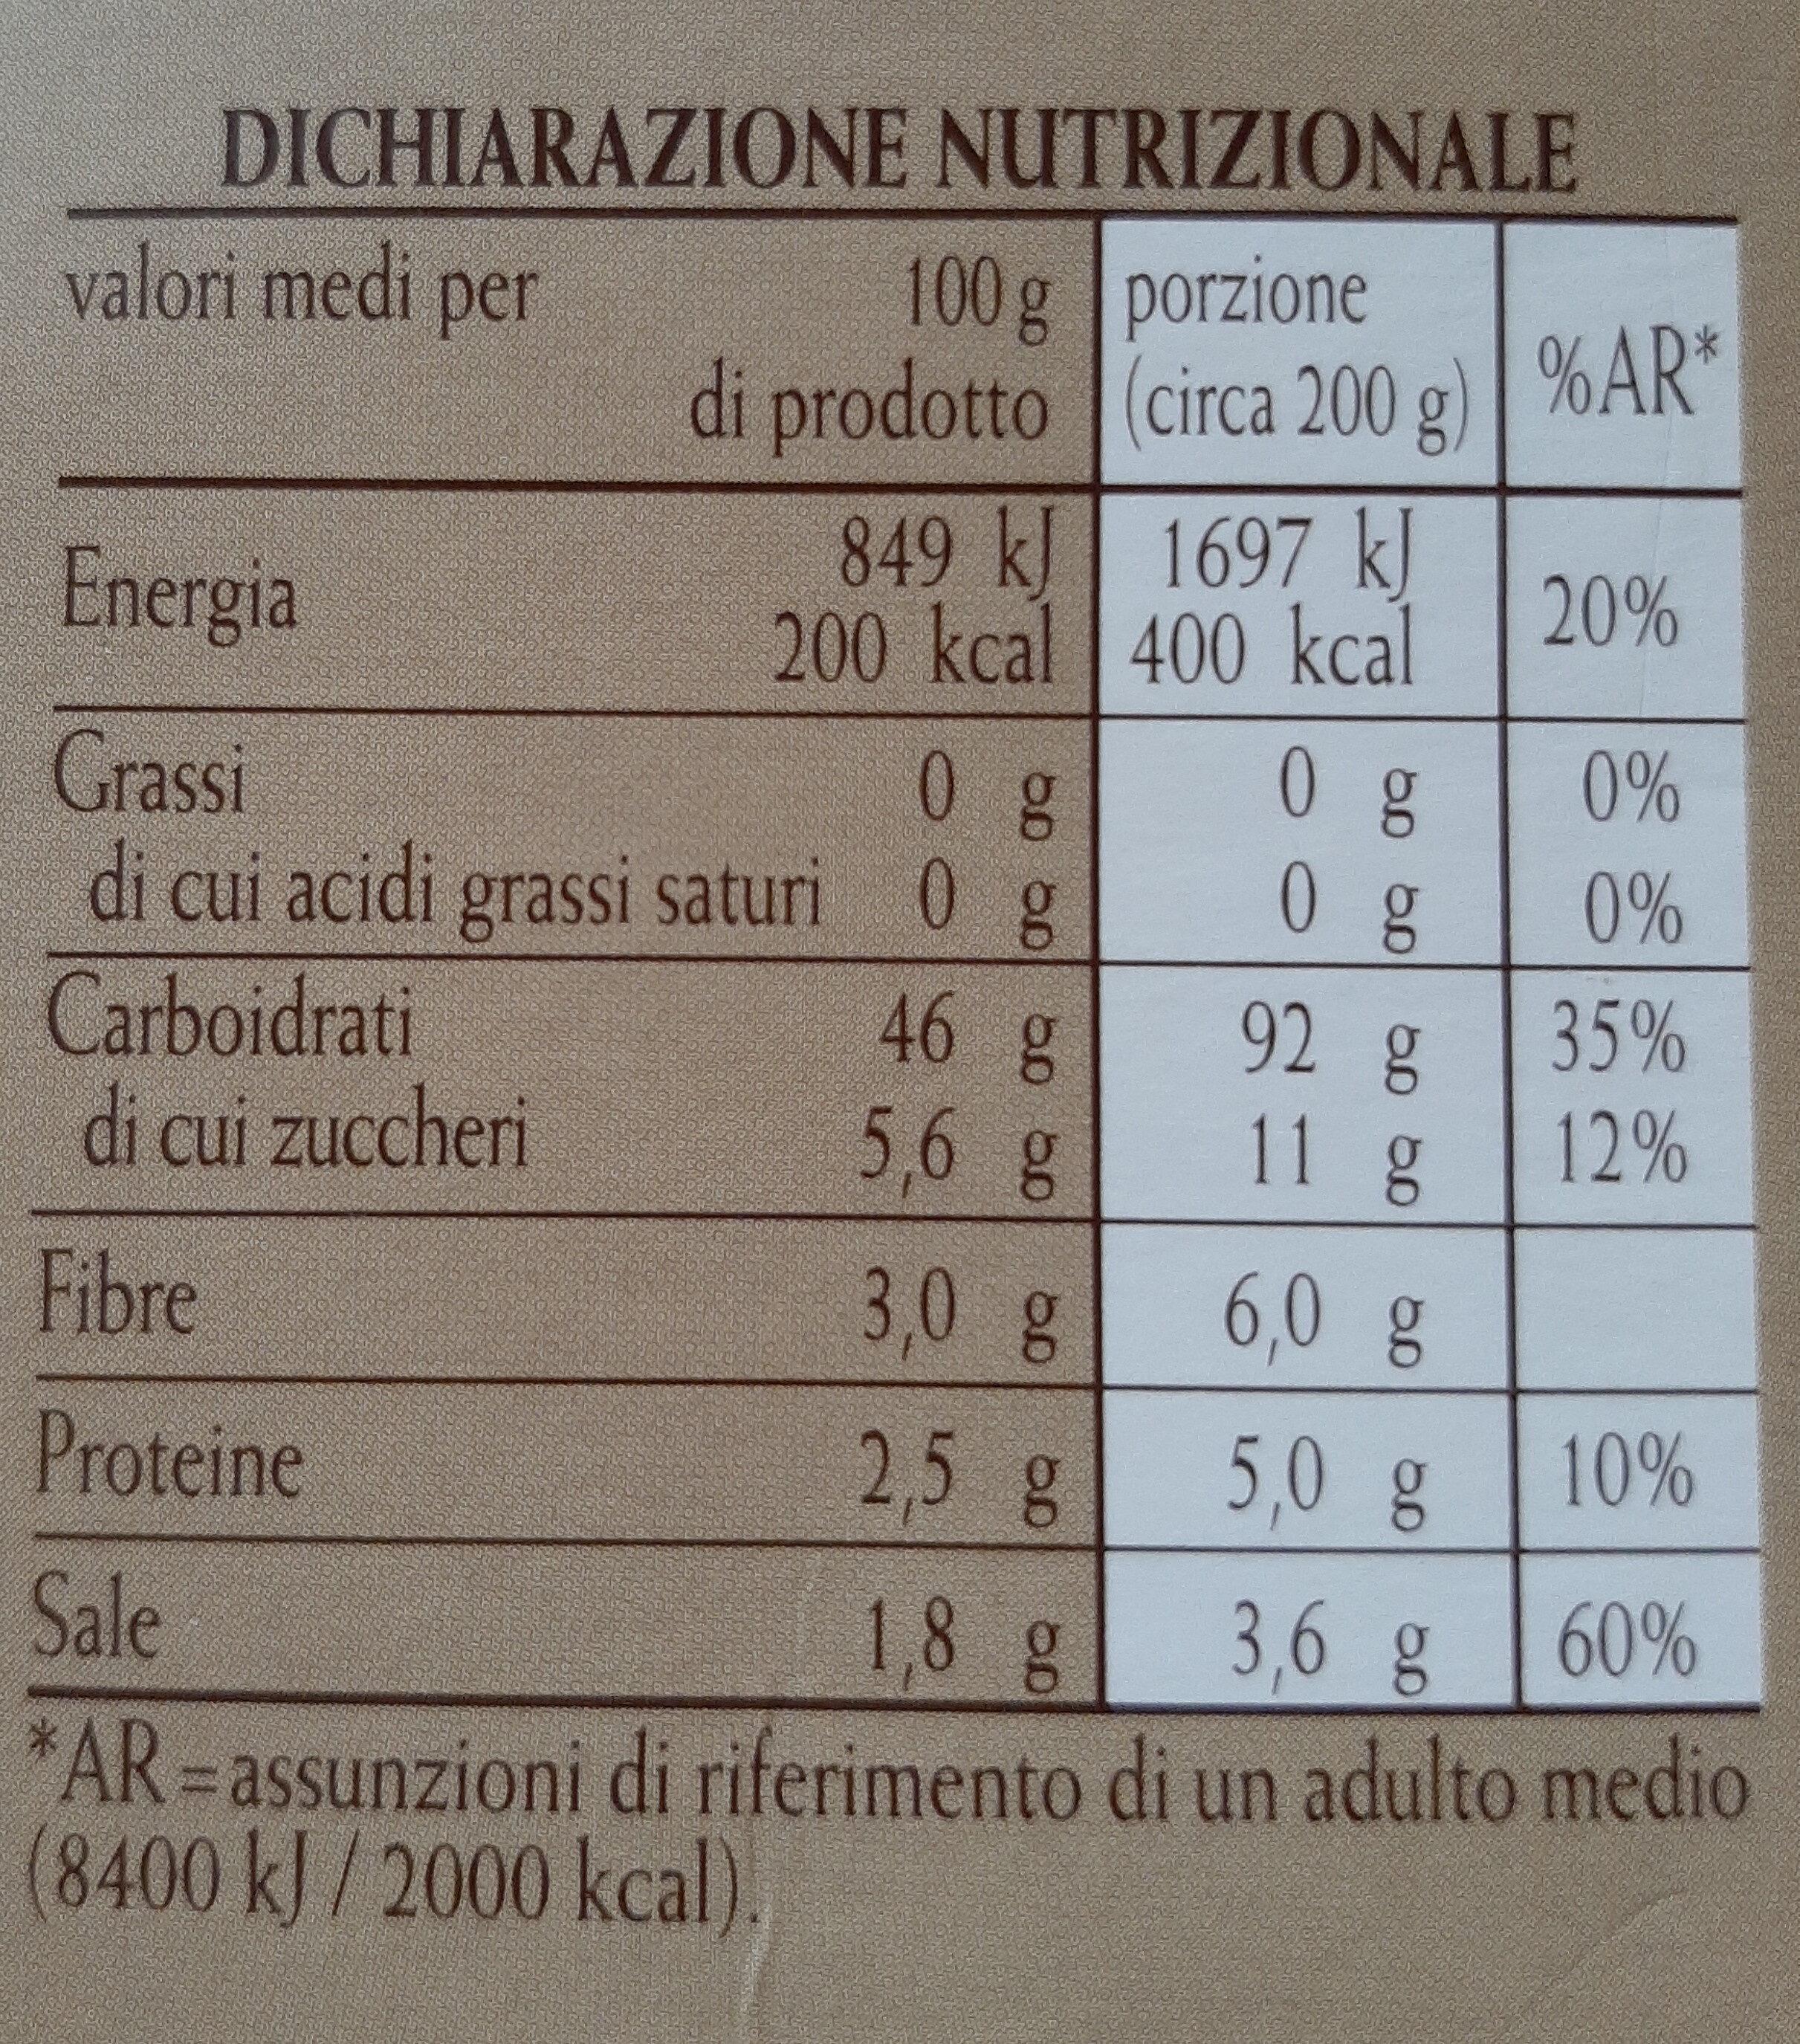 Chicche tricolori con patate, zucca e basilico - Informations nutritionnelles - it